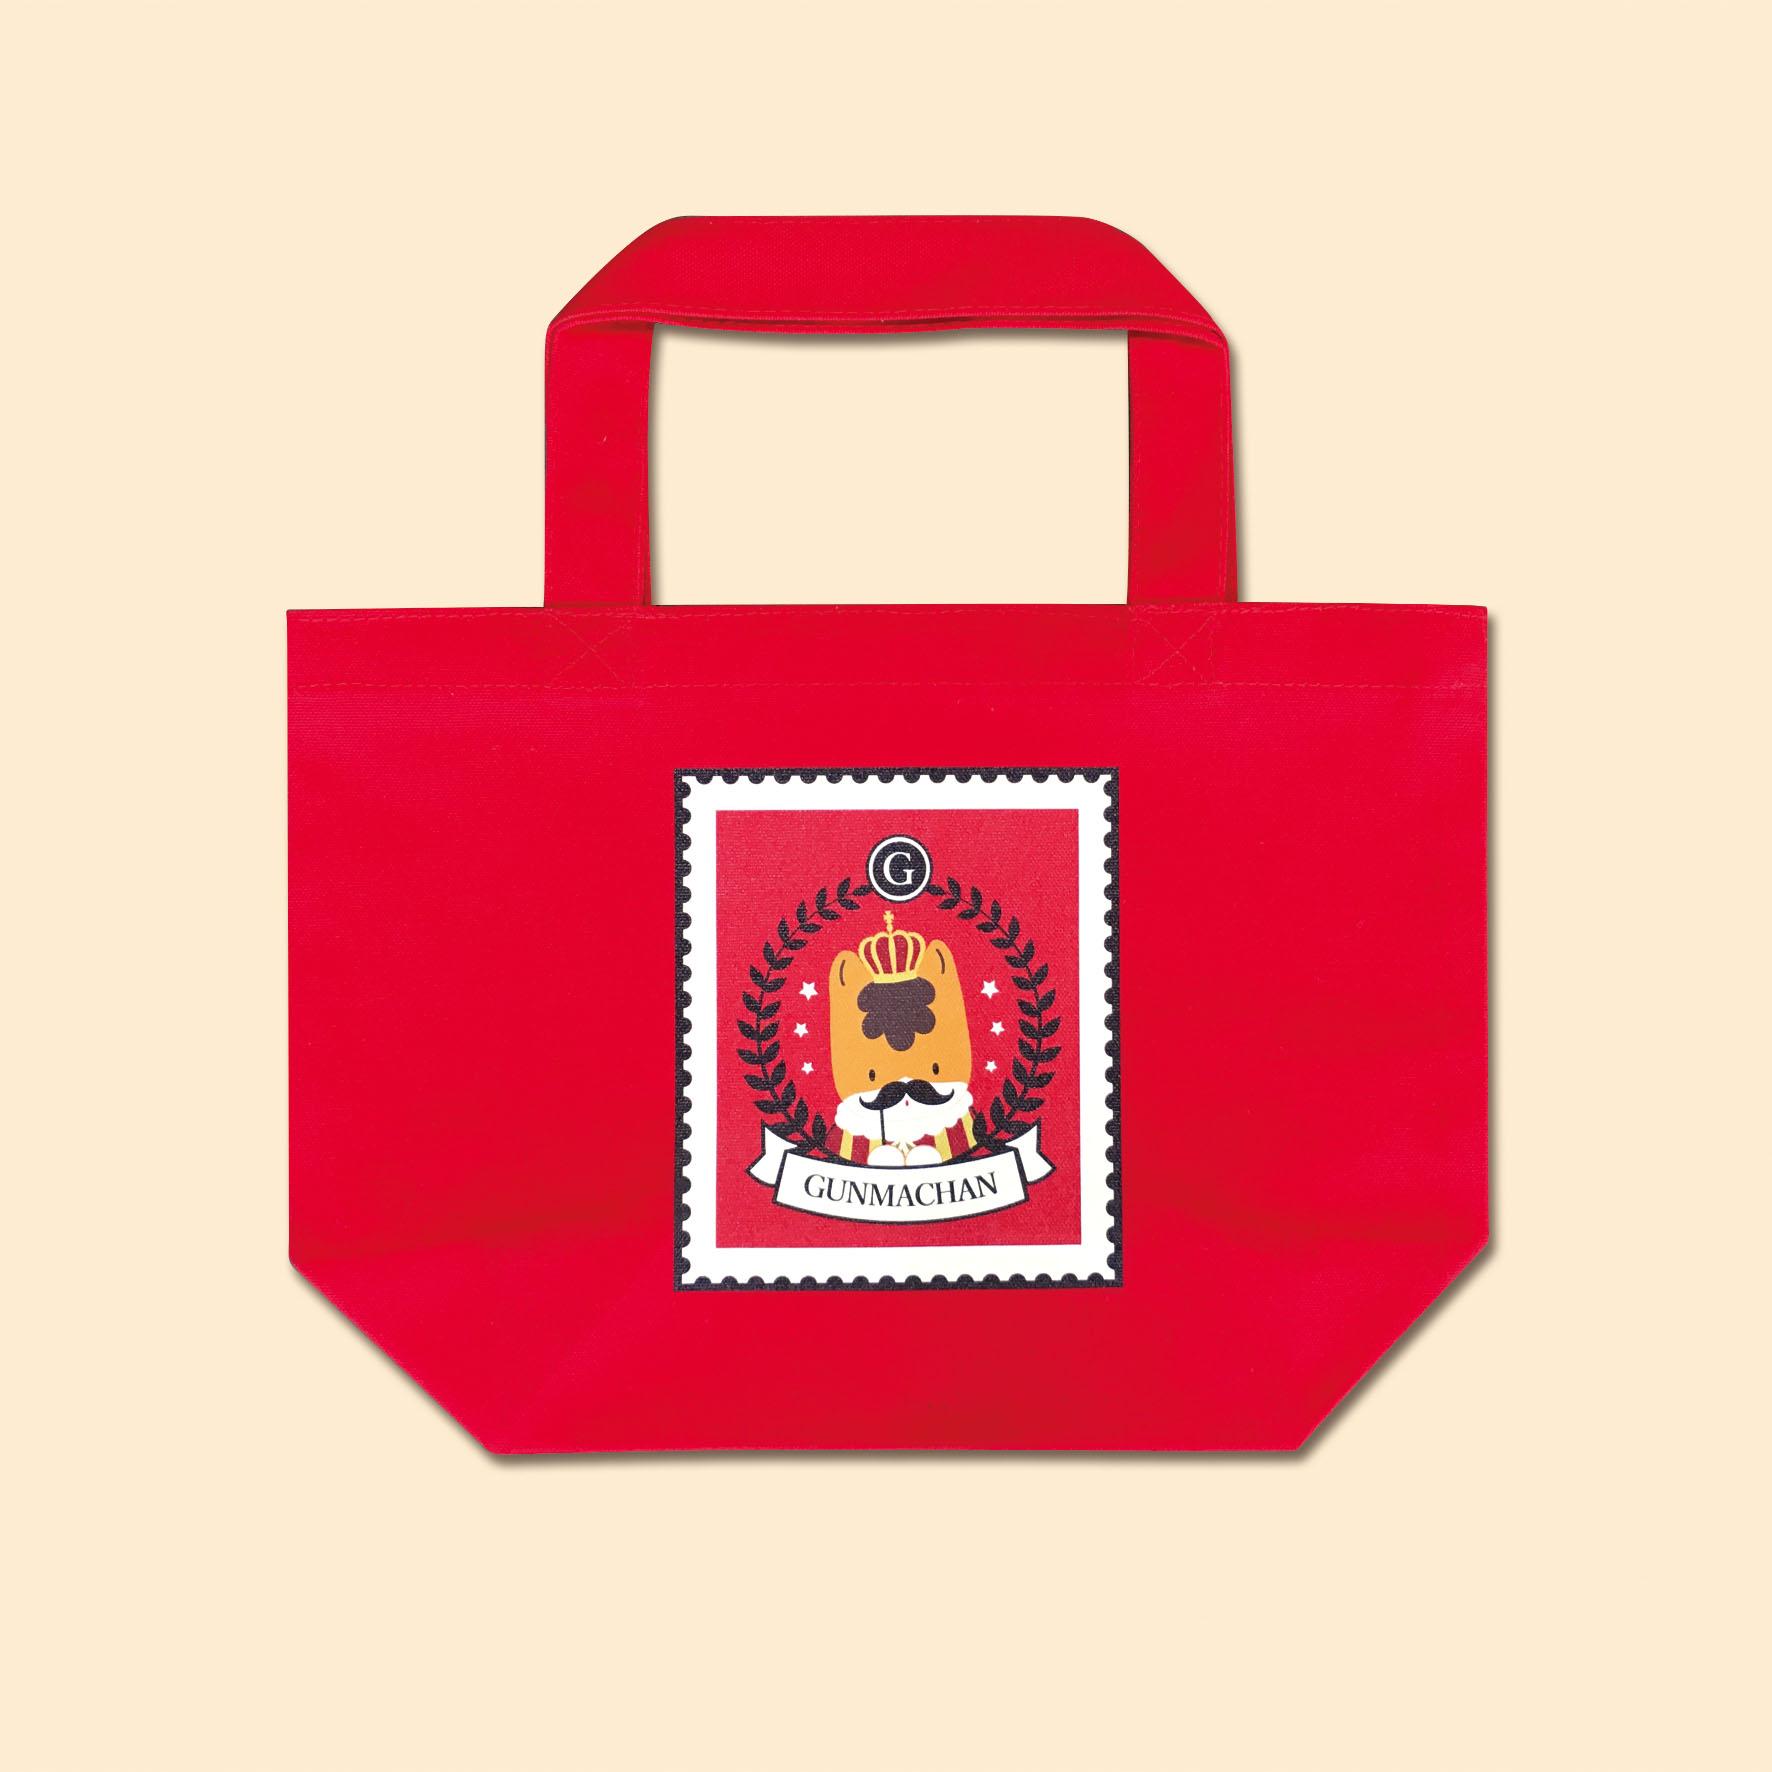 【お買い物に♪】ぐんまちゃんトートバッグ(切手)Sサイズ